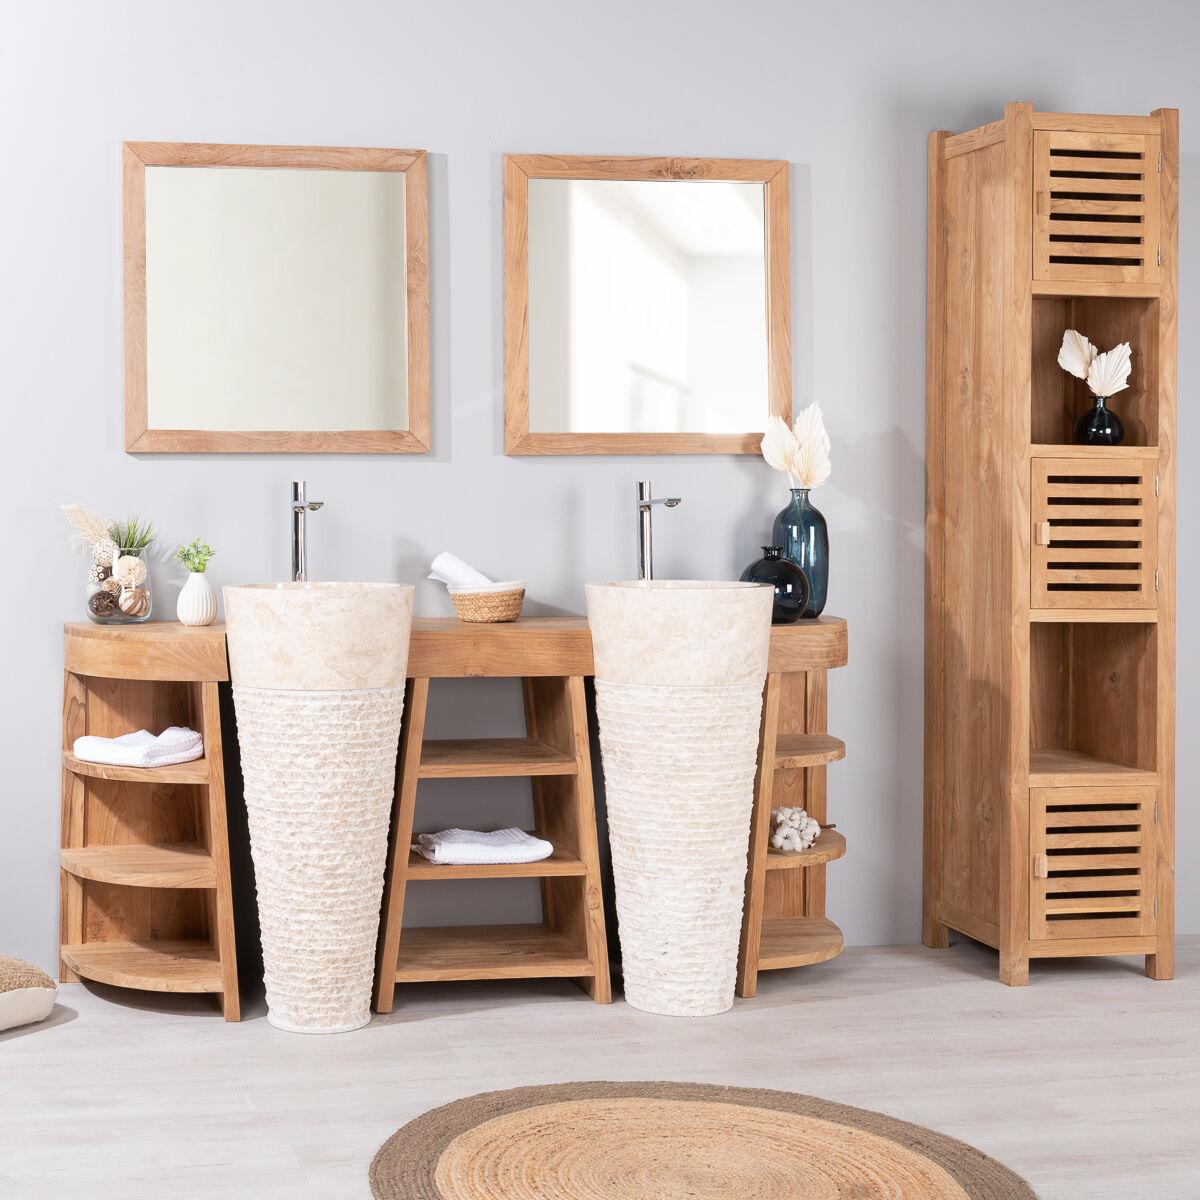 Wanda Collection Meuble de salle de bain en teck Florence double 180cm + vasques crème